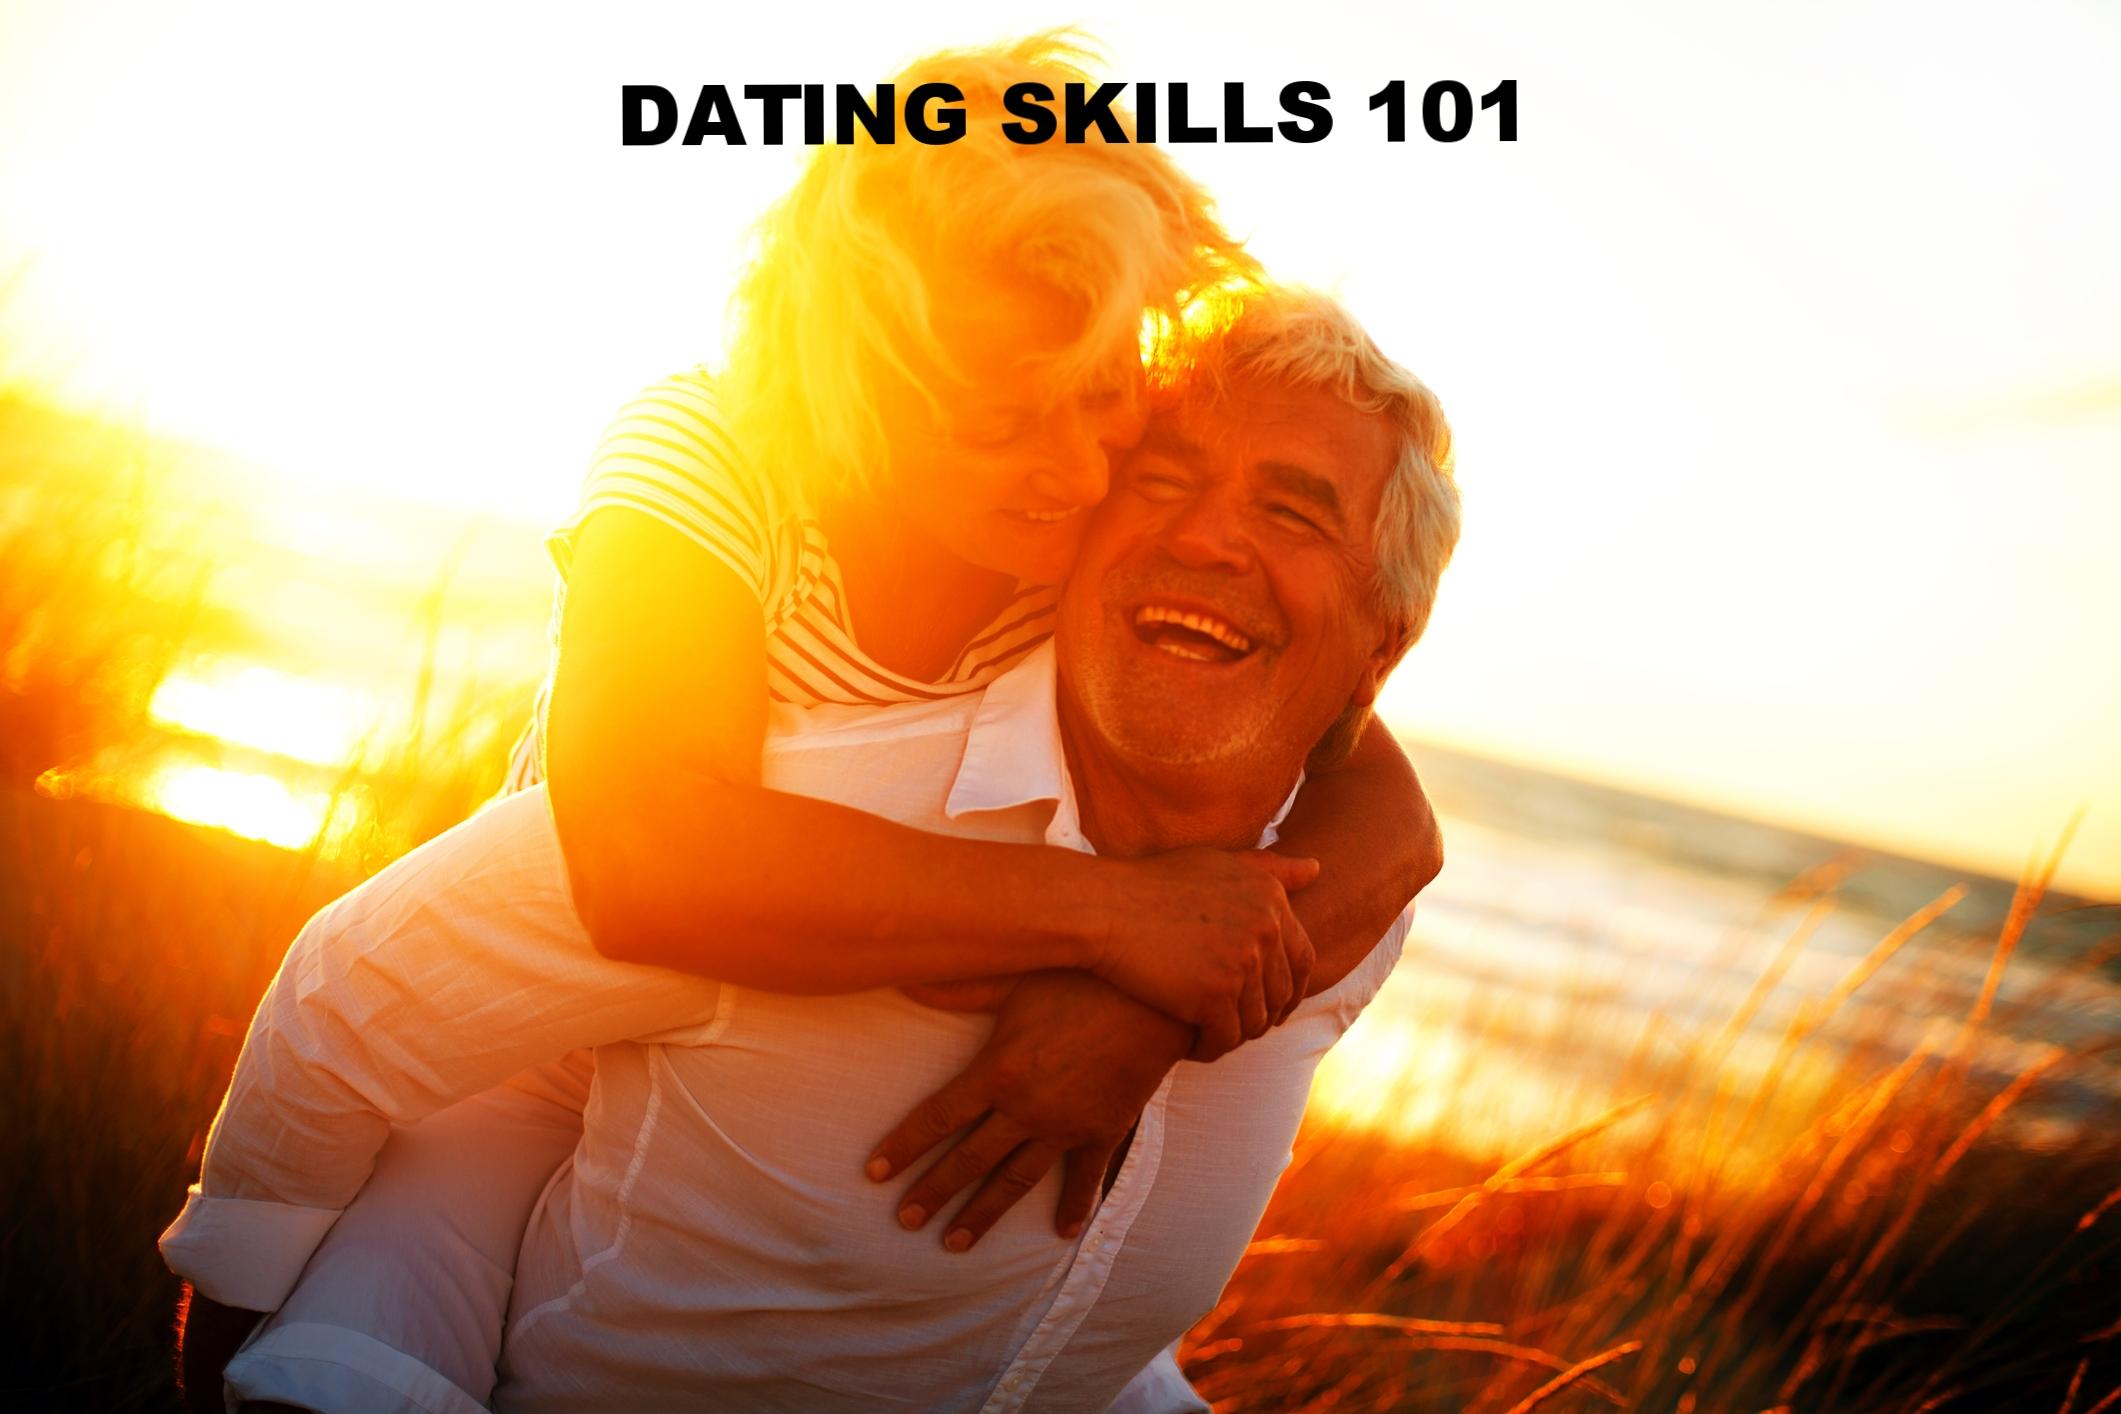 Dating Skills 101